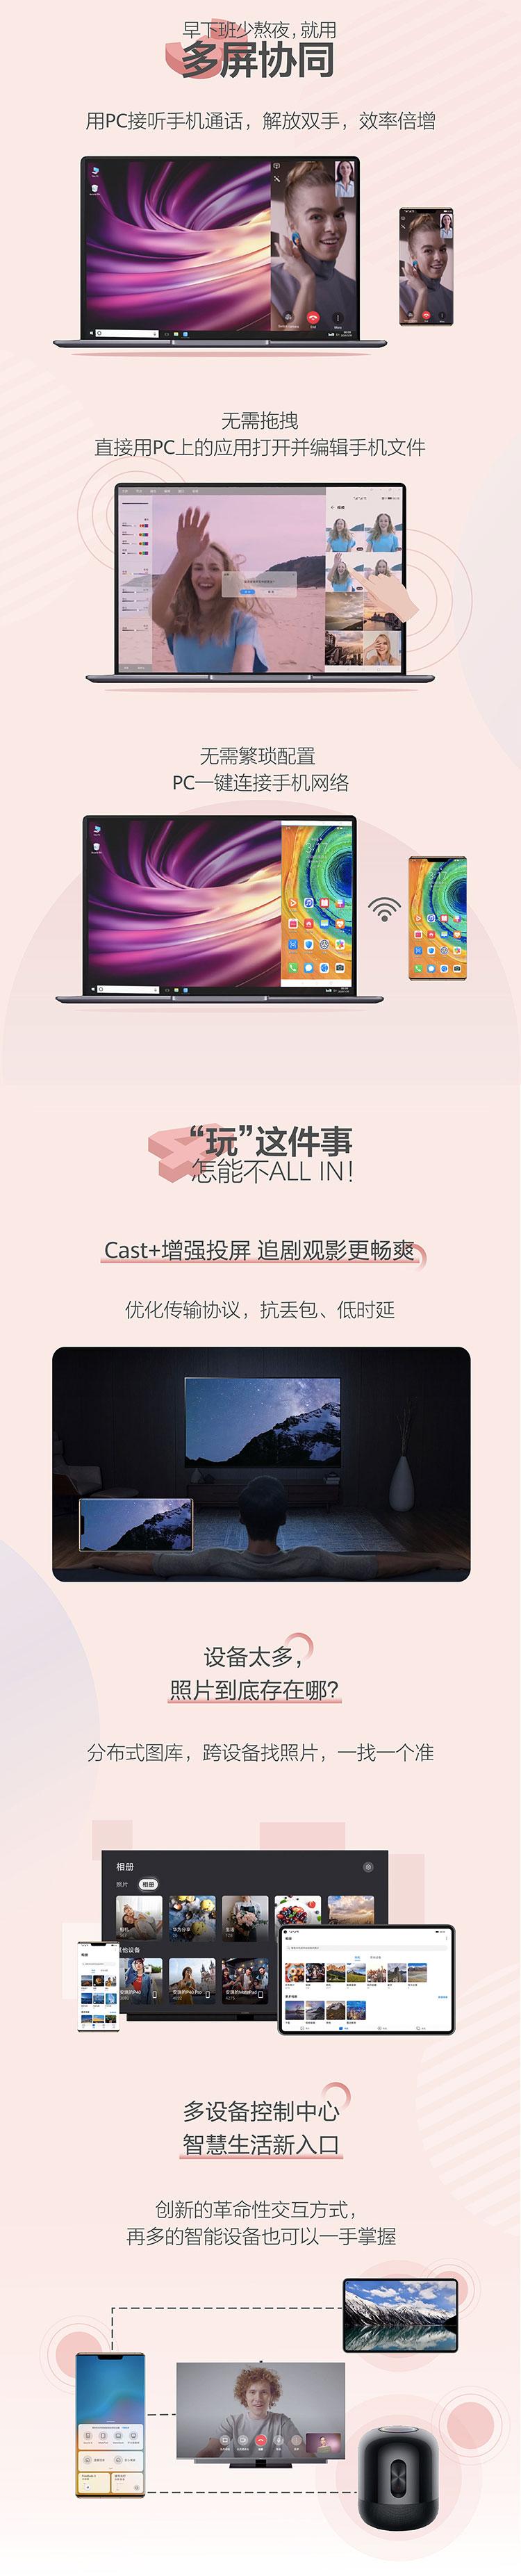 Huawei Mate 30 series EMUI 10.1